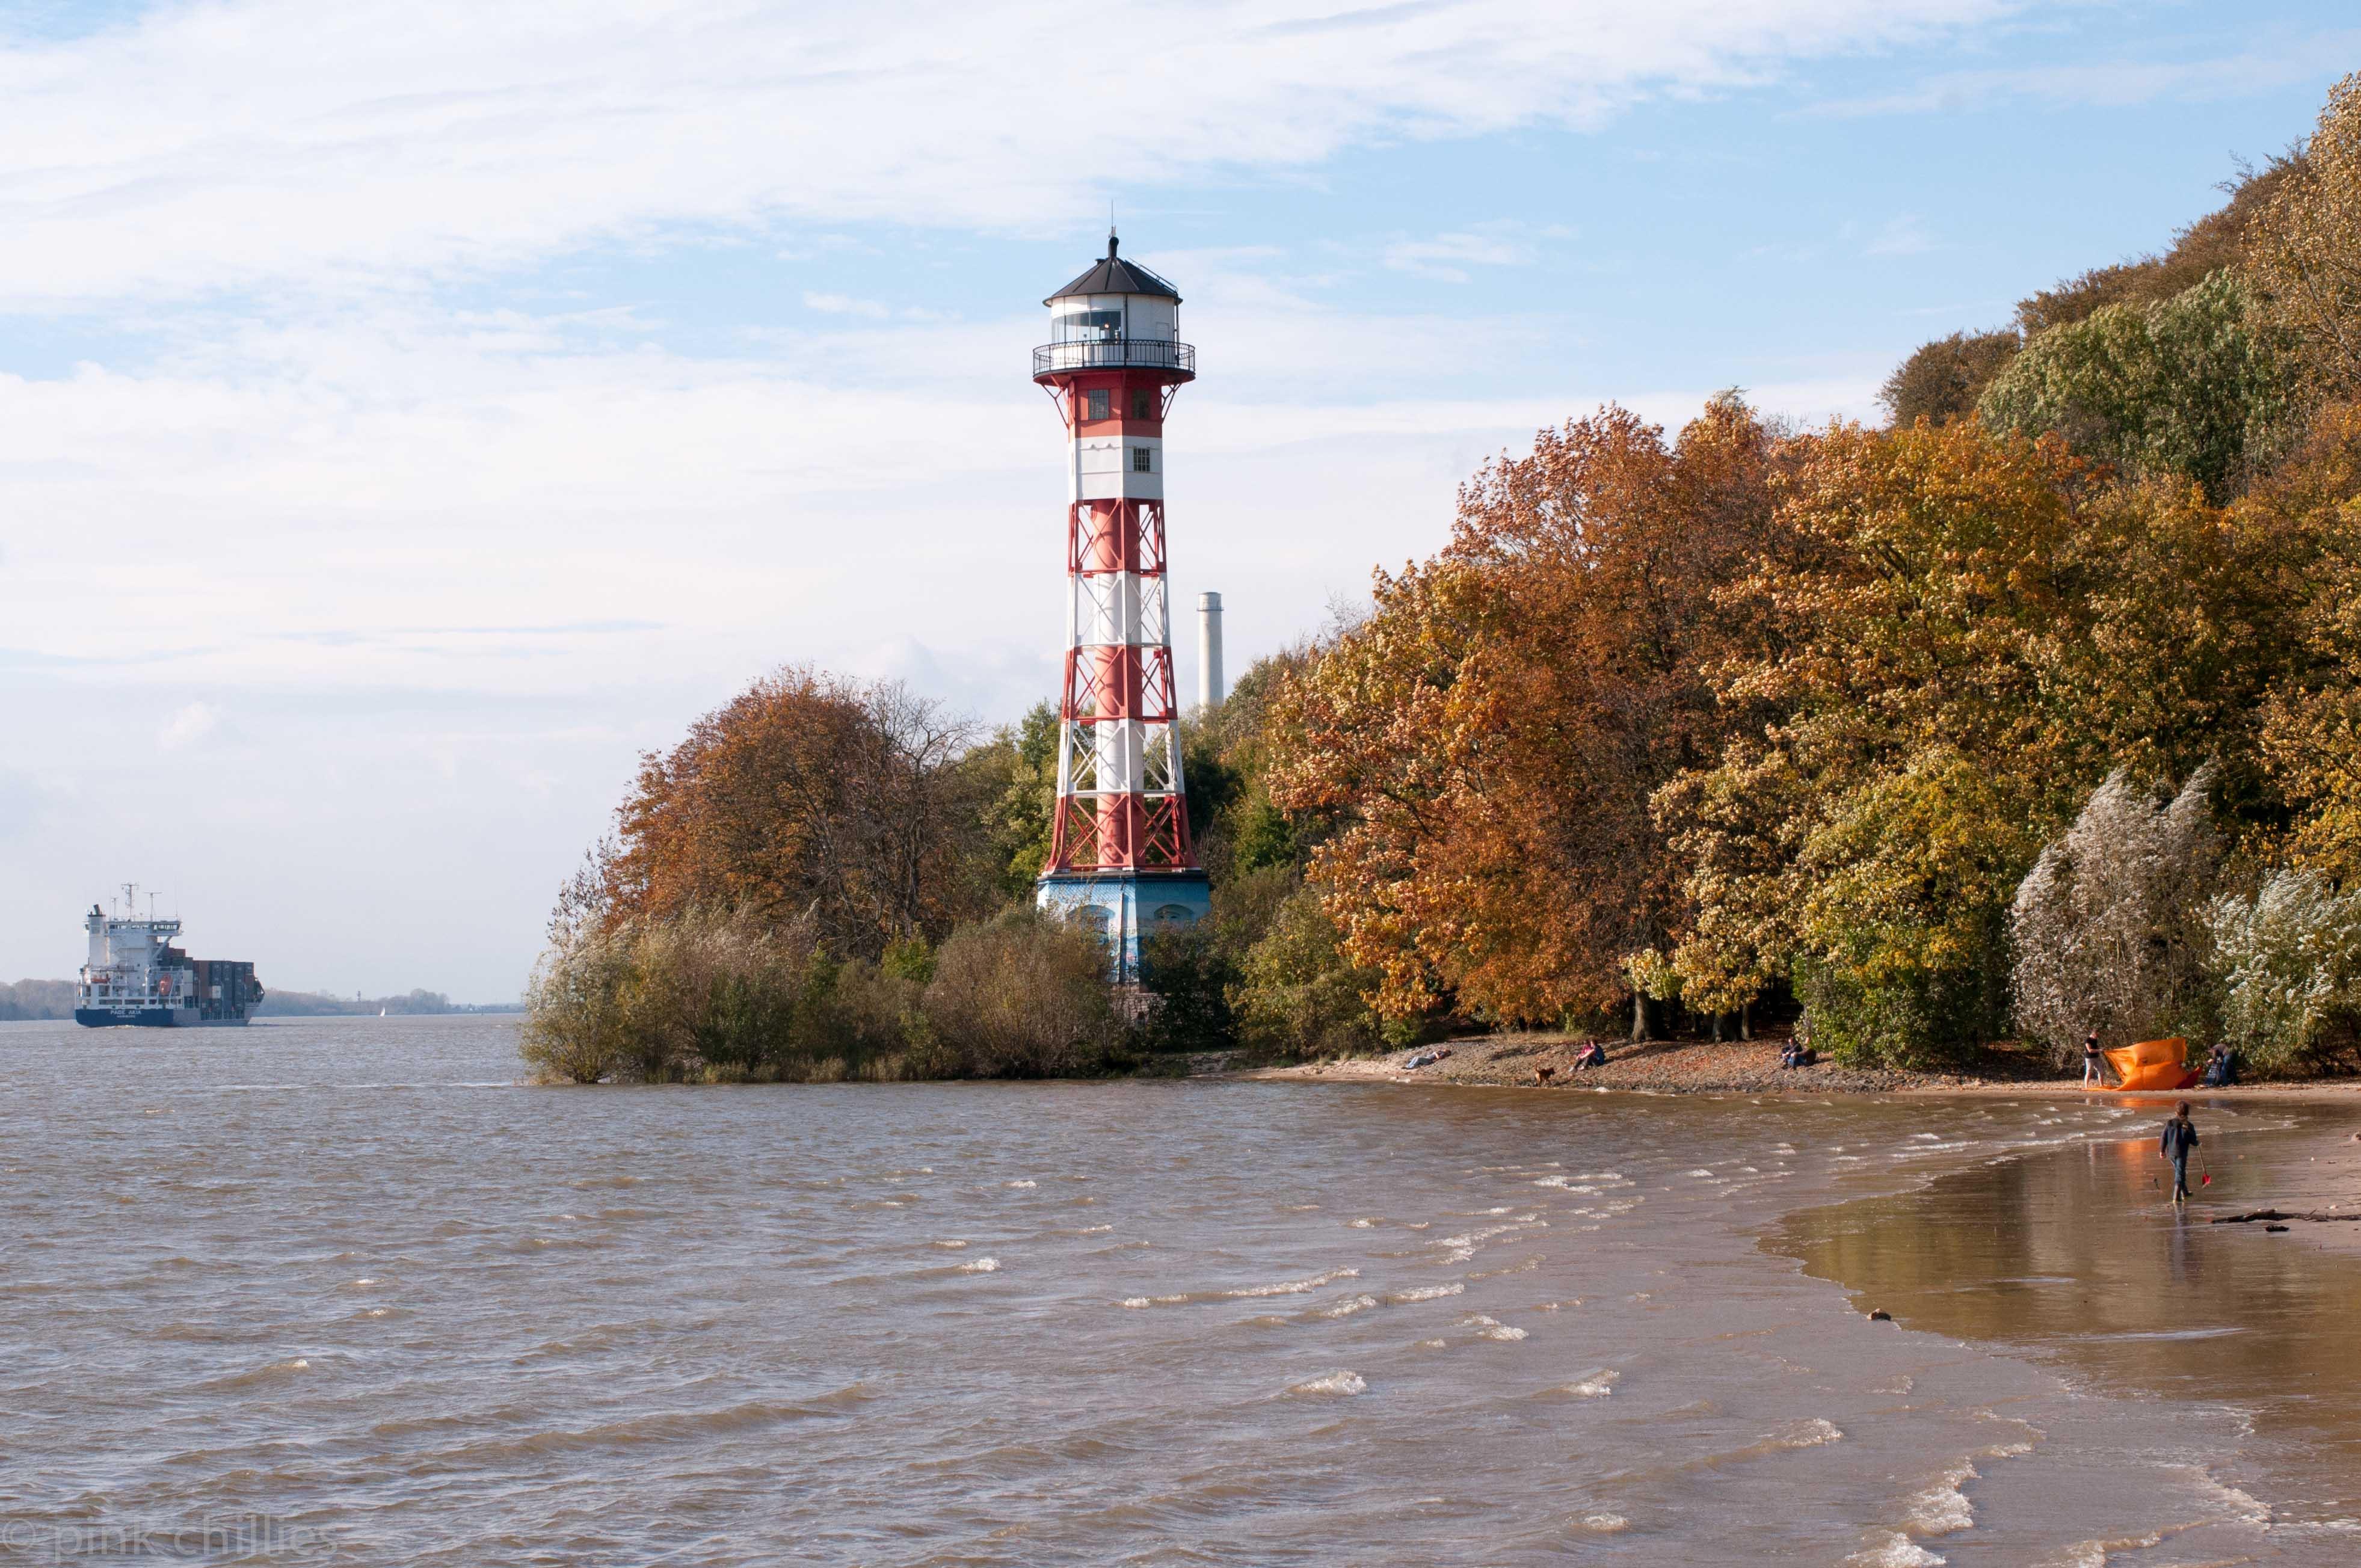 Hamburg Wittenberge an der Elbe